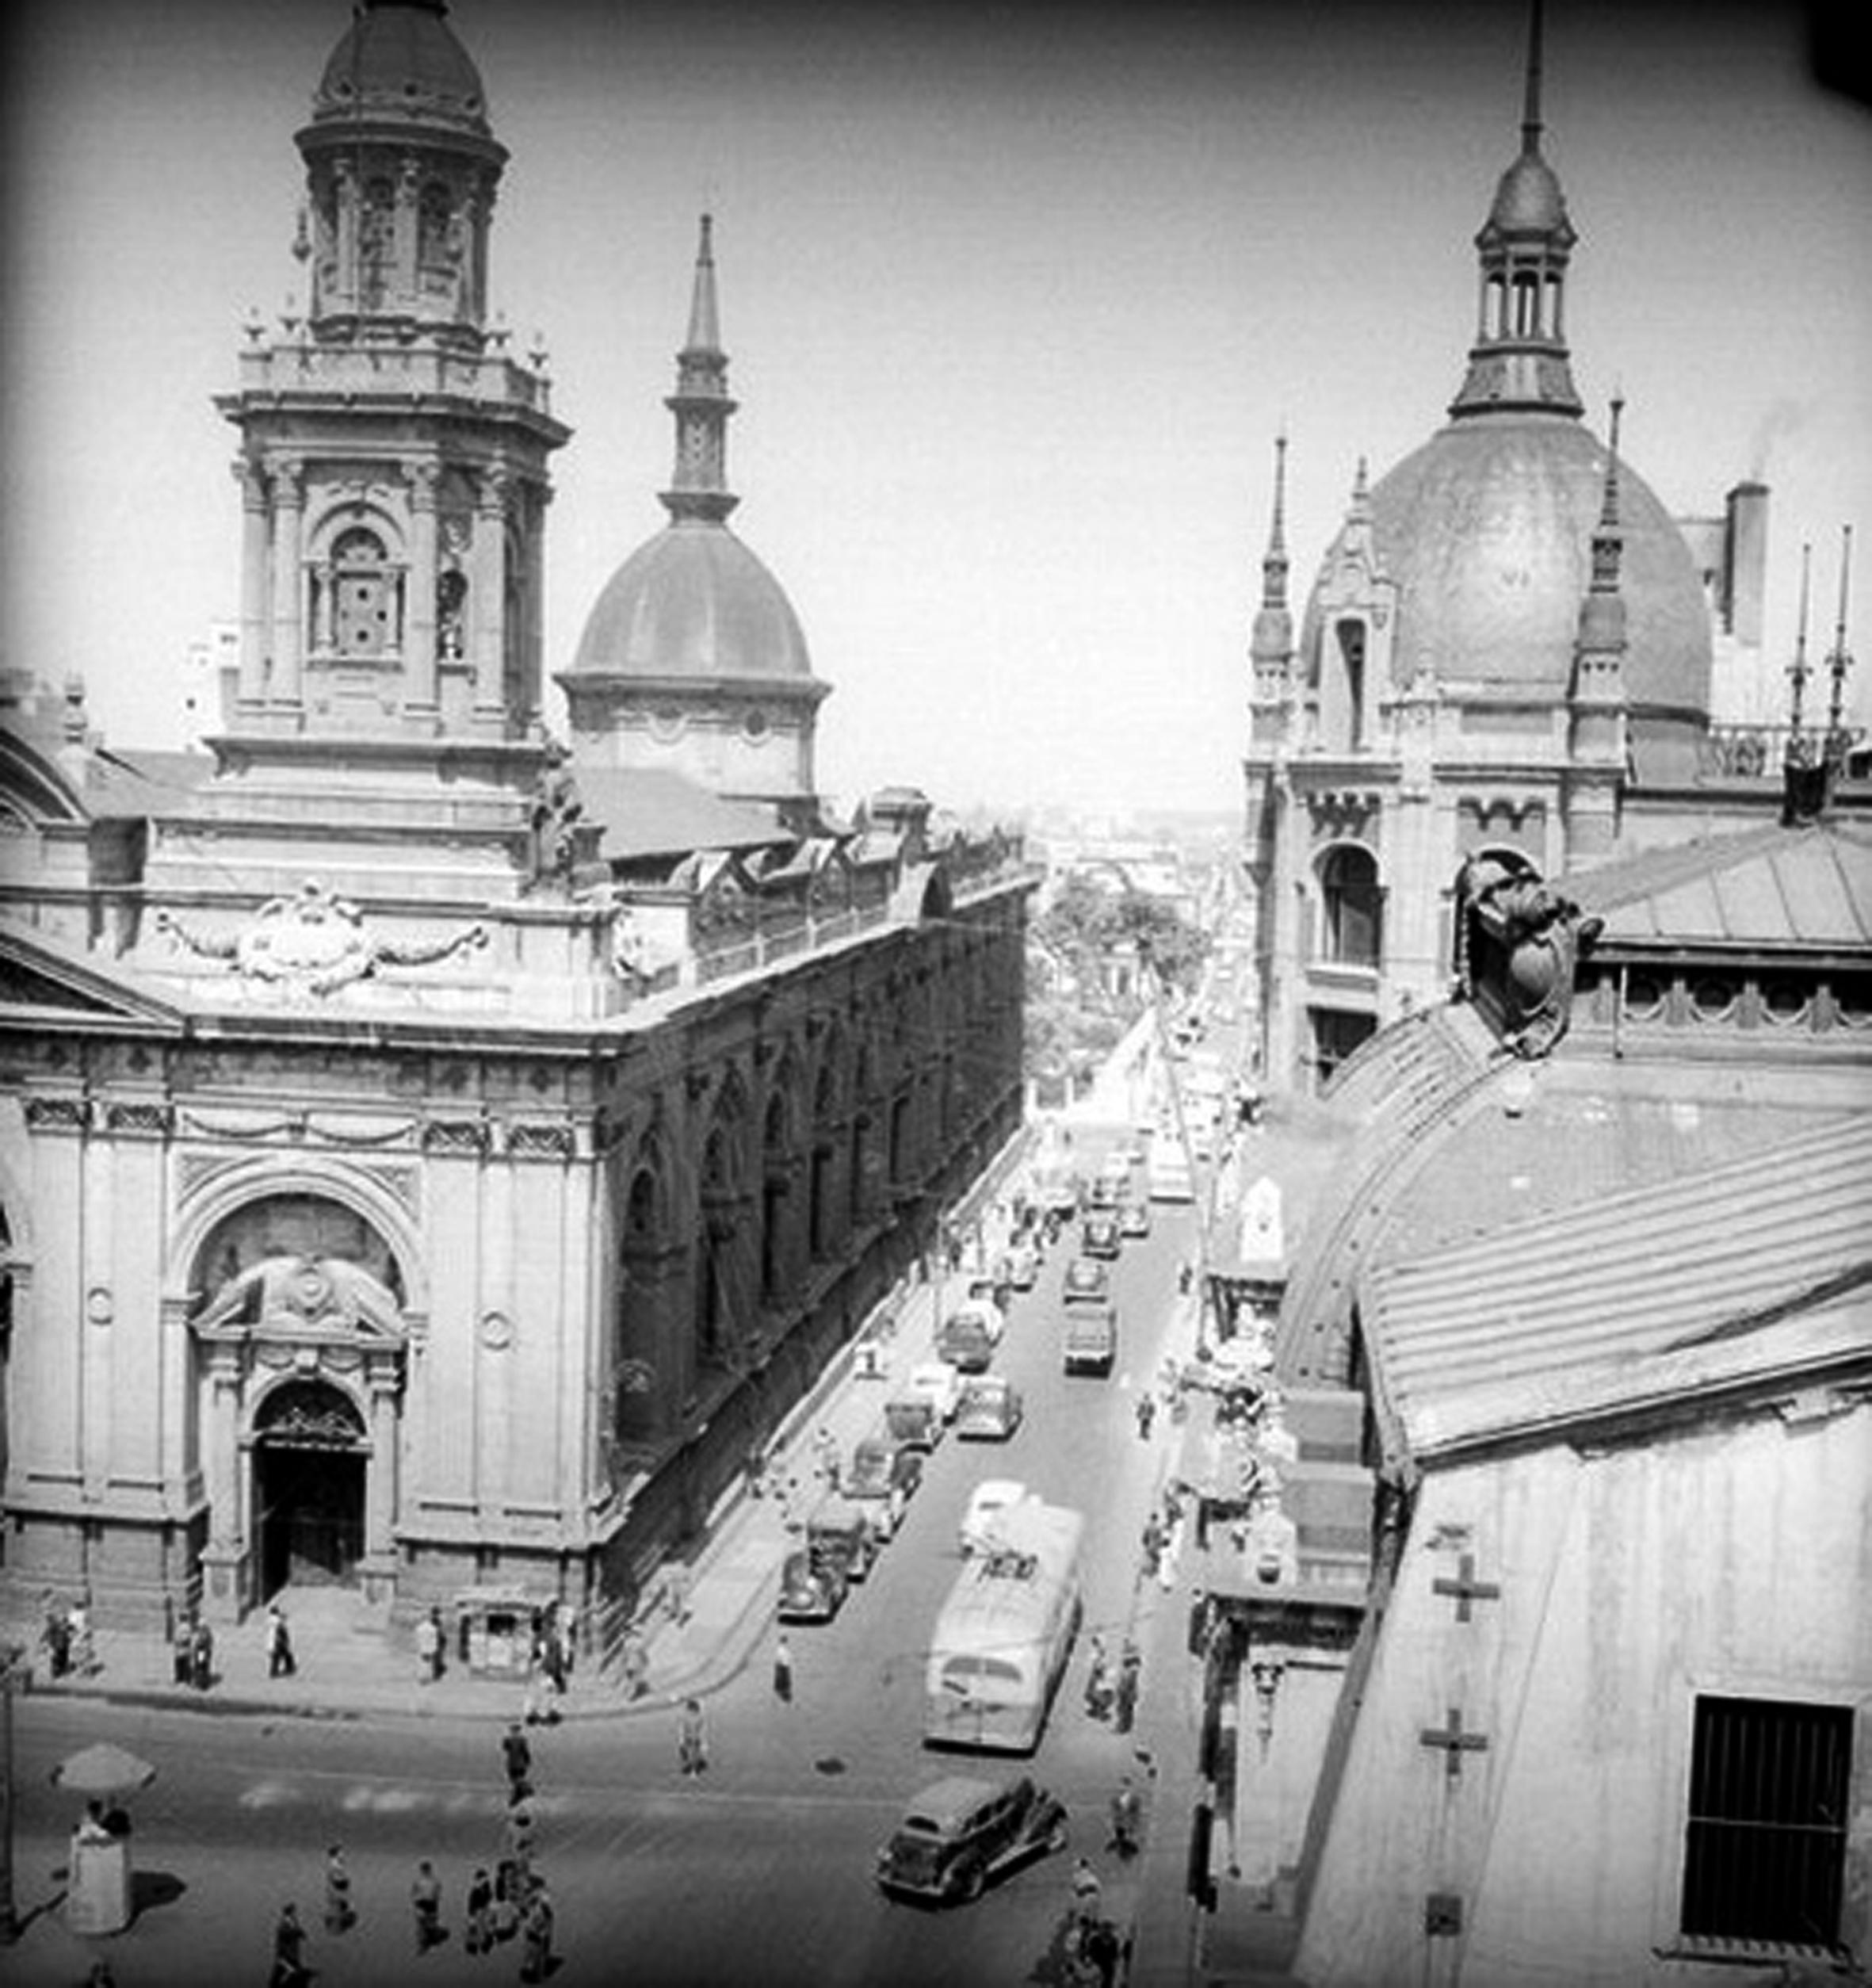 Enterreno - Fotos históricas de chile - fotos antiguas de Chile - Catedral y BAzar Krauss en los 50s